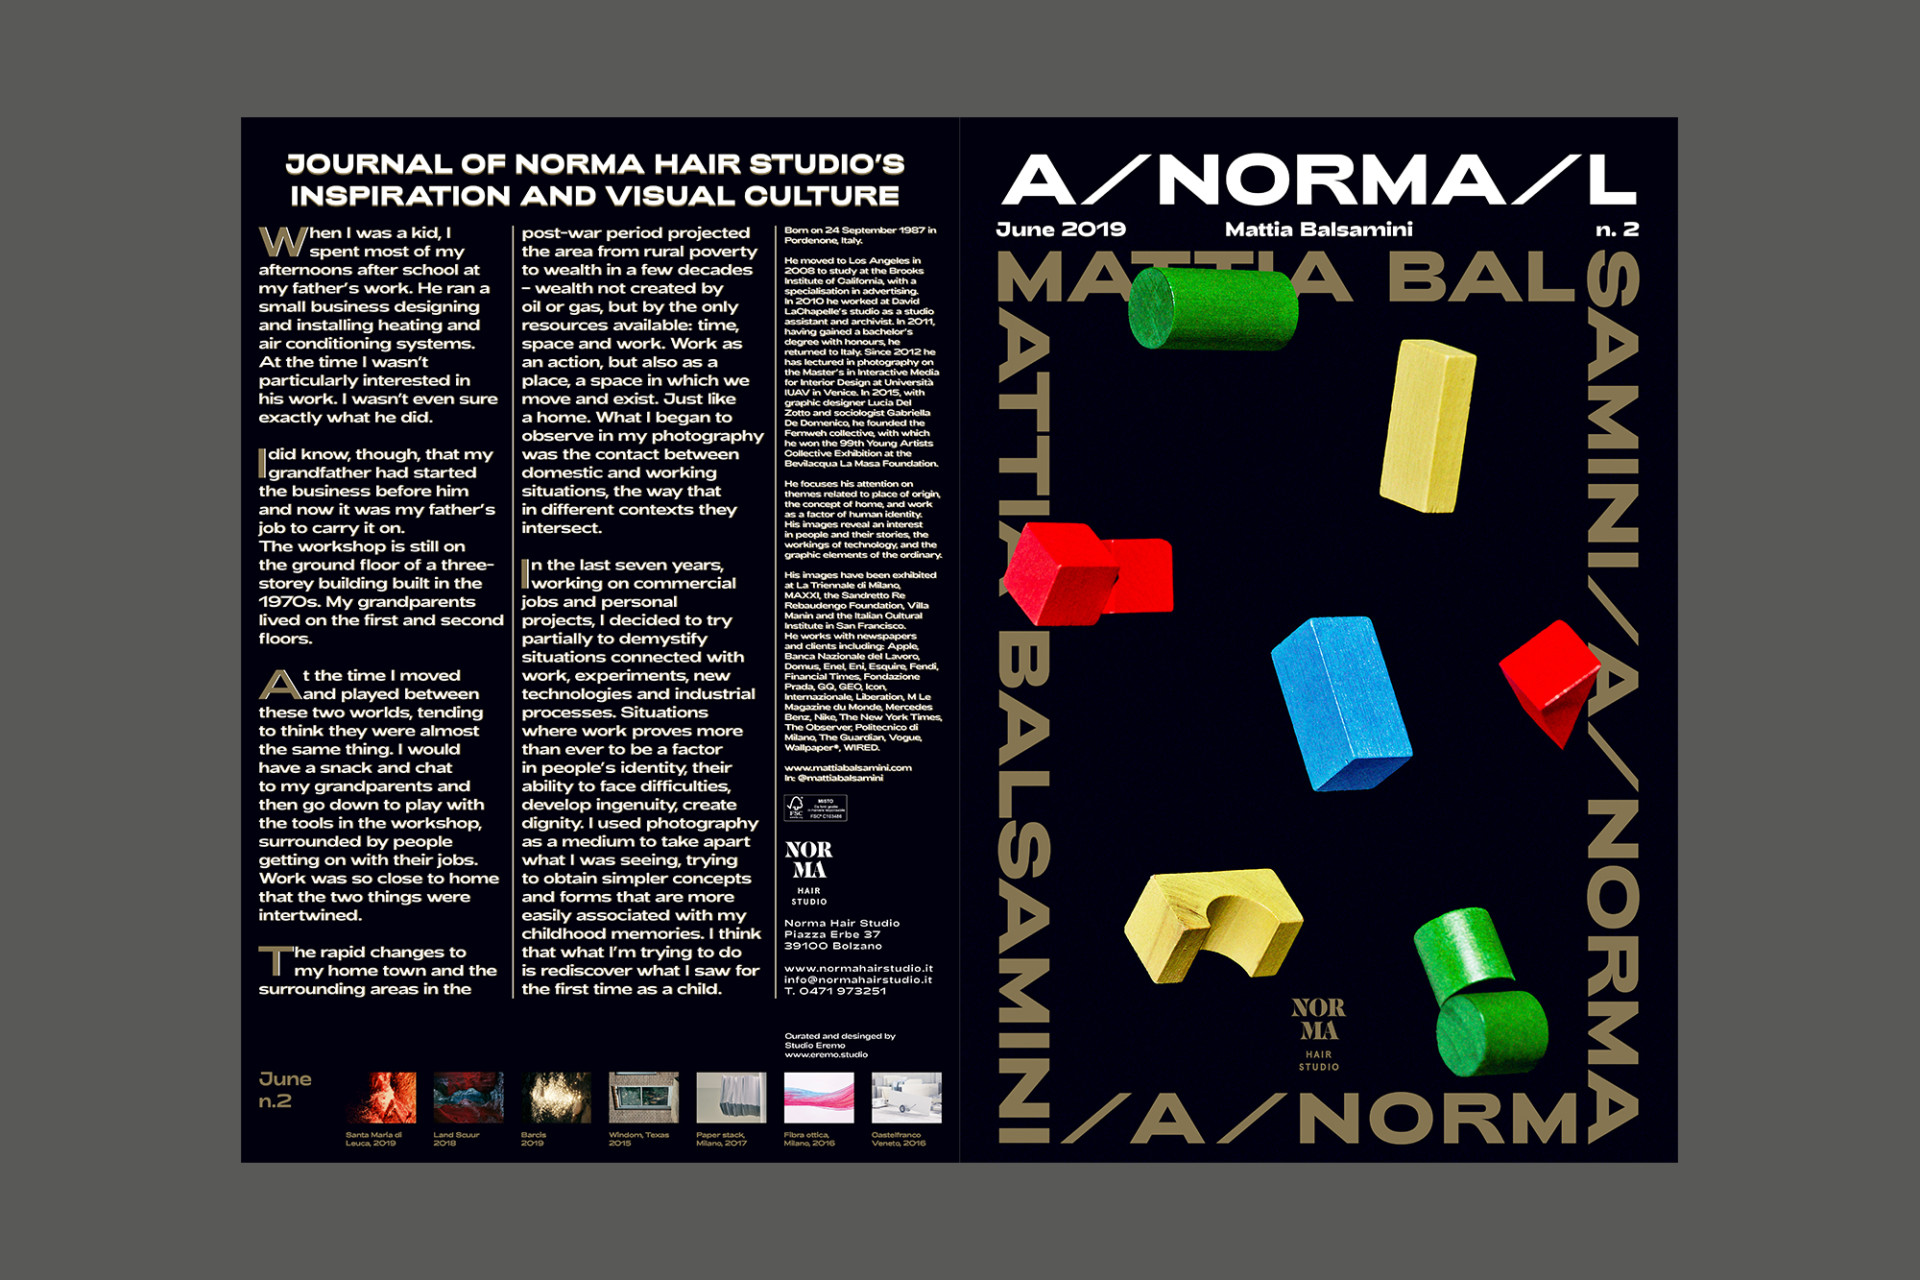 Eremo A/NORMA/L